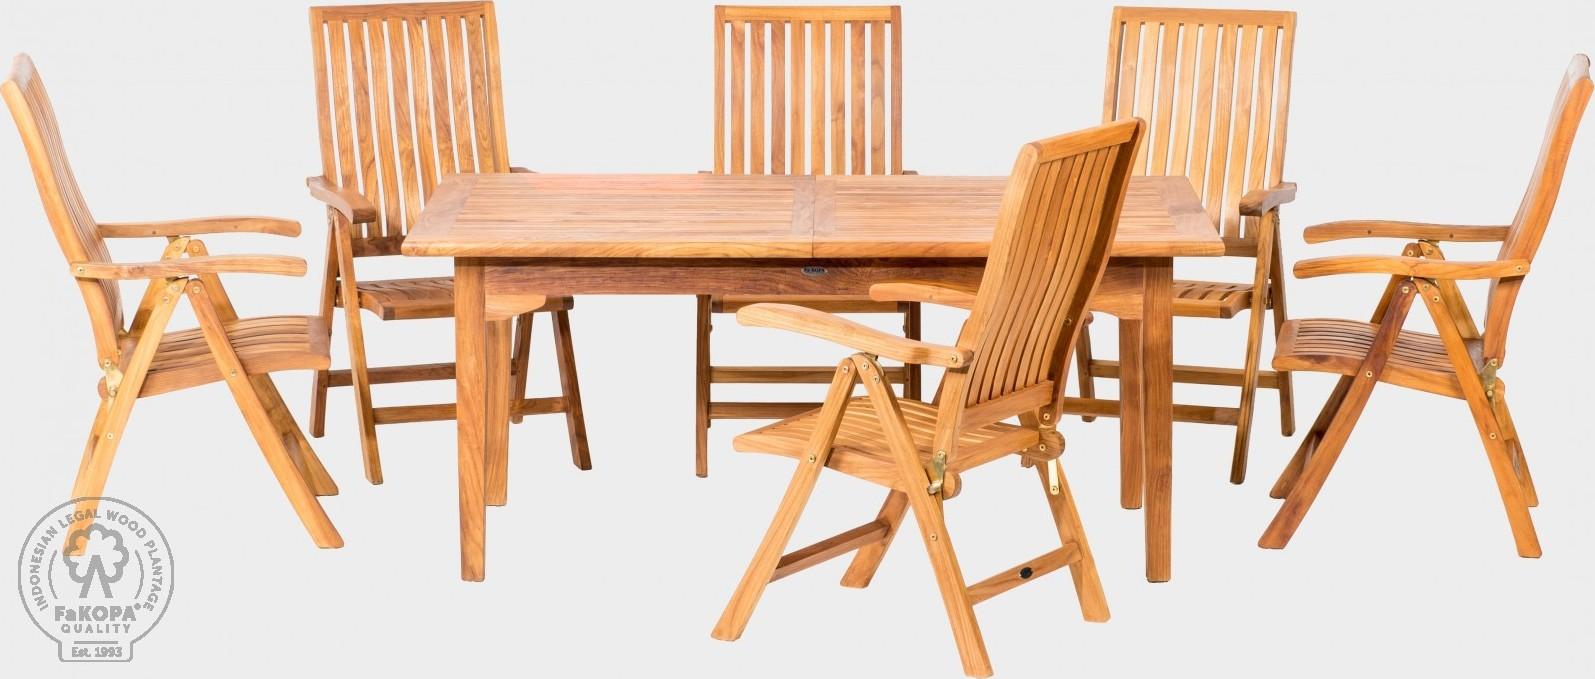 FaKOPA Zahradní souprava z teaku 6xskládají židle obdélníkový stůl Varvara